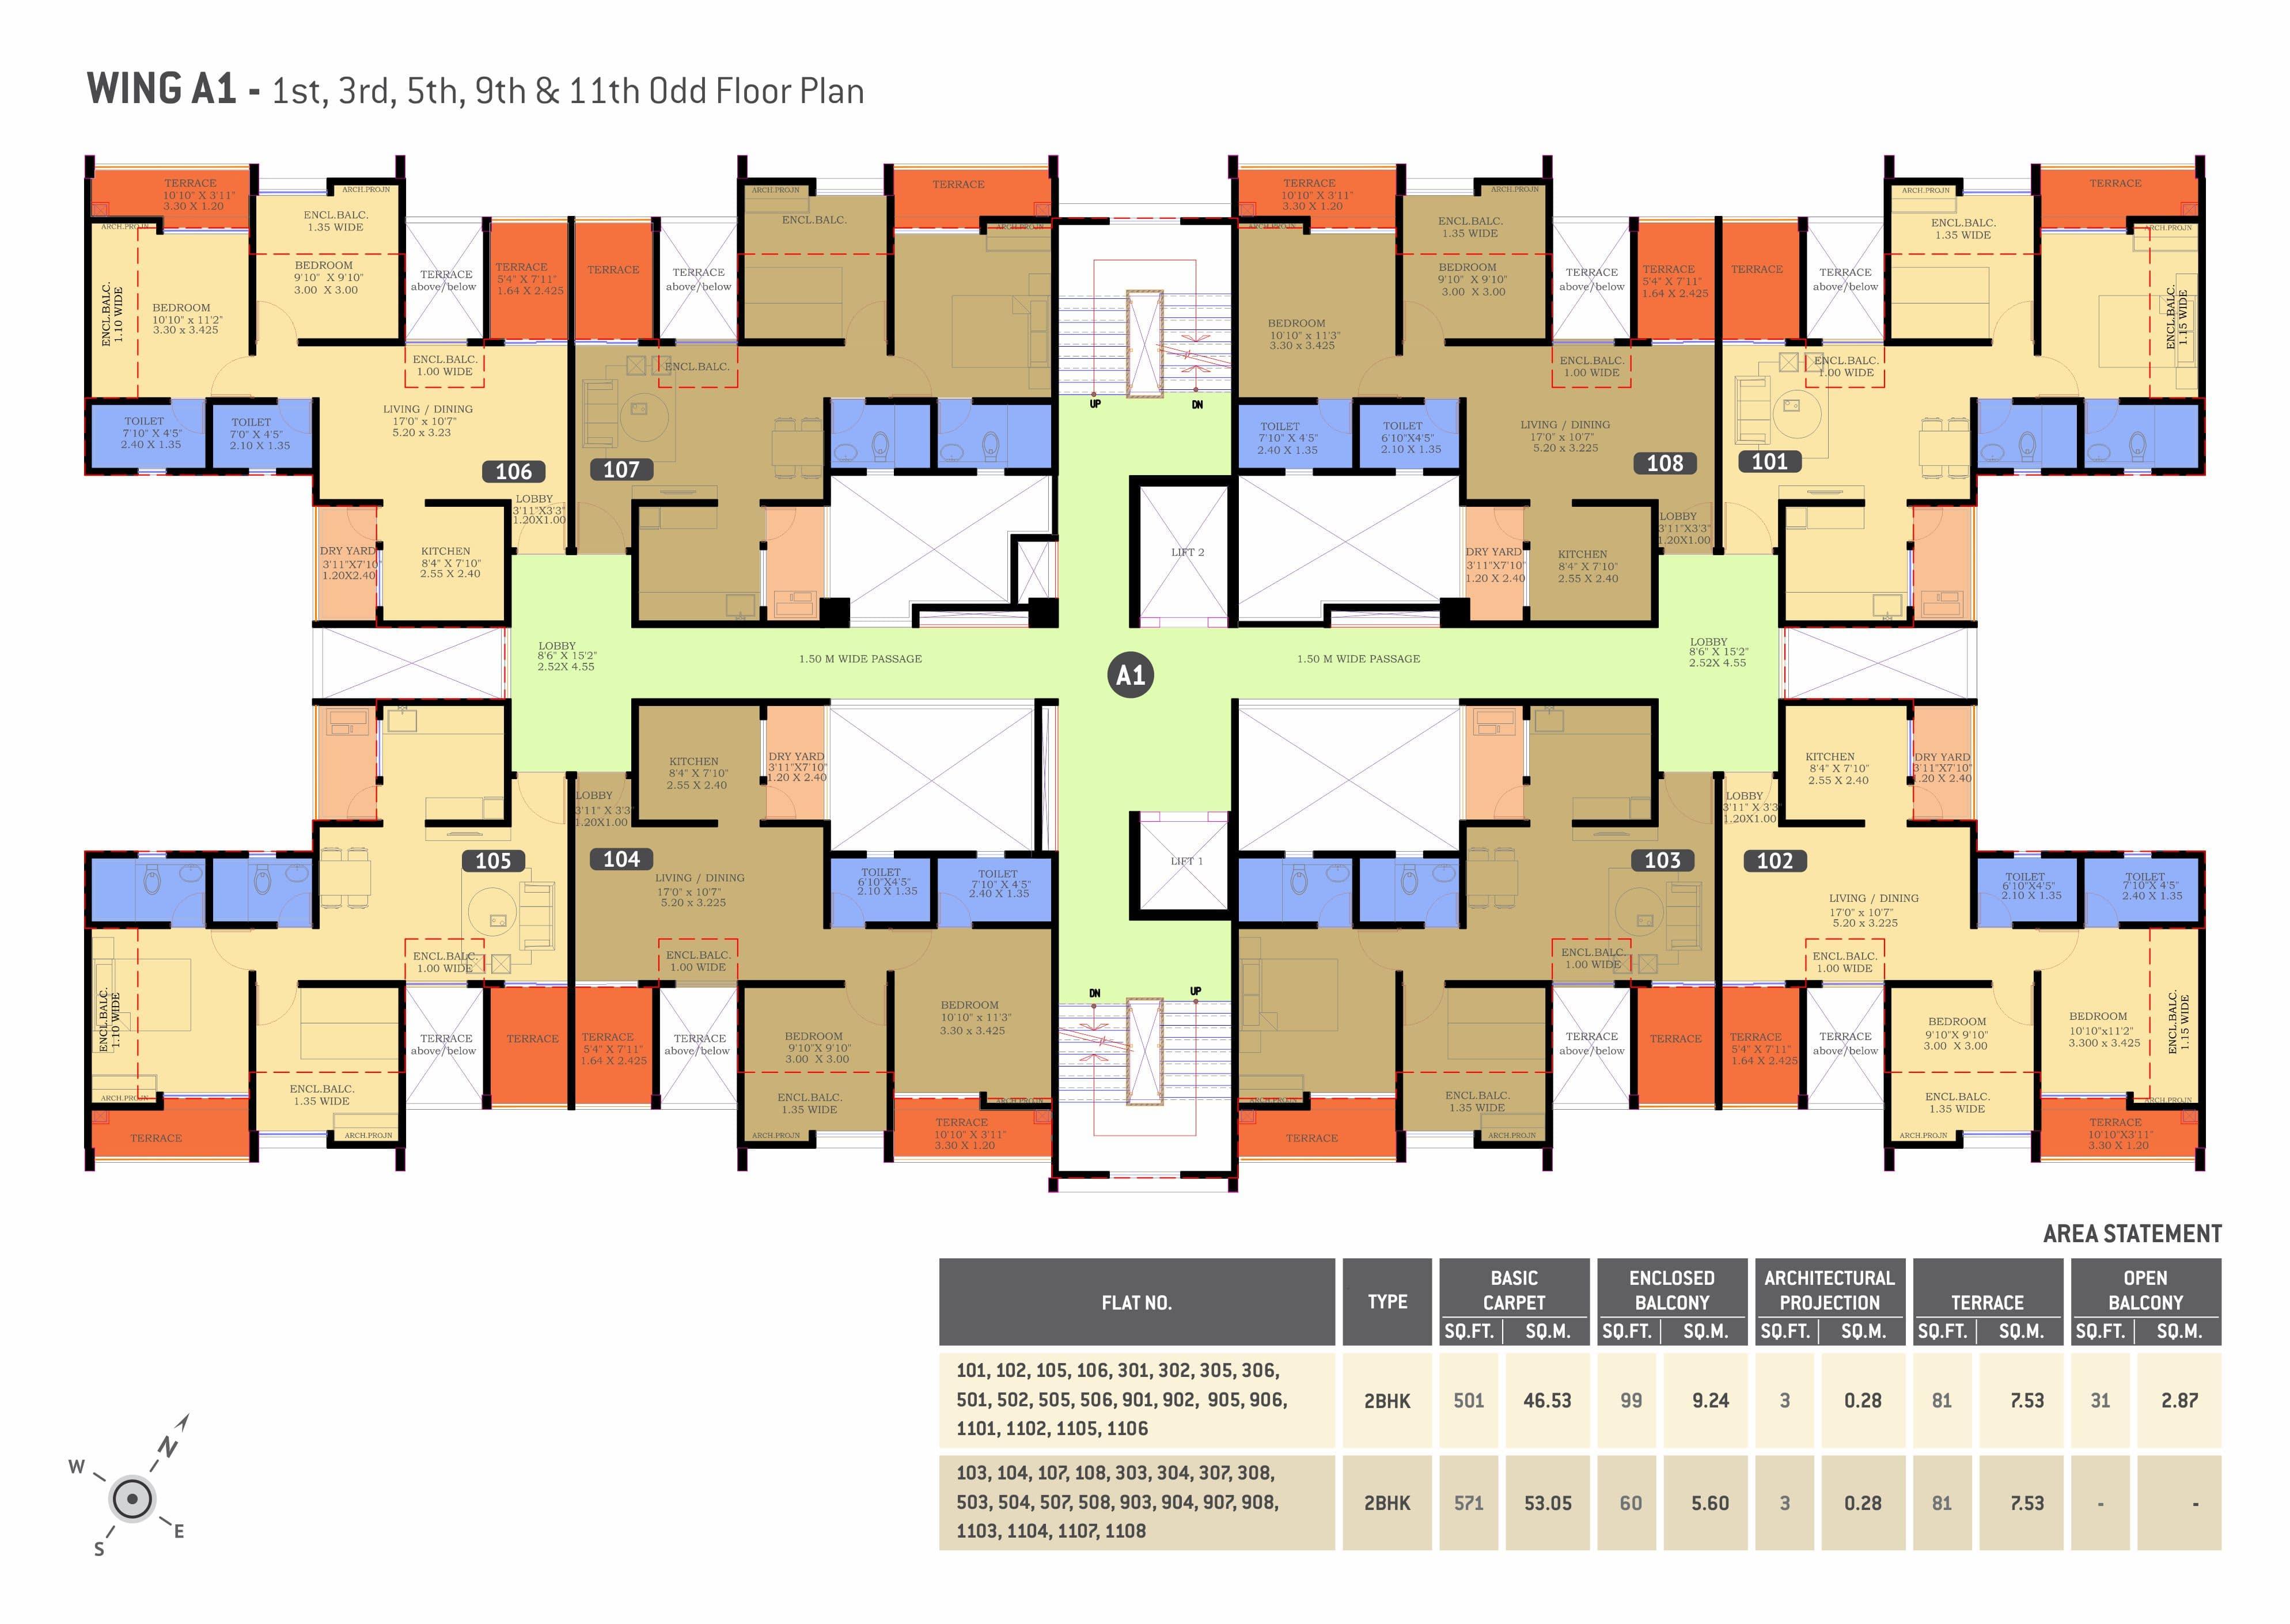 2 BHK flats in Undri Floor Plan